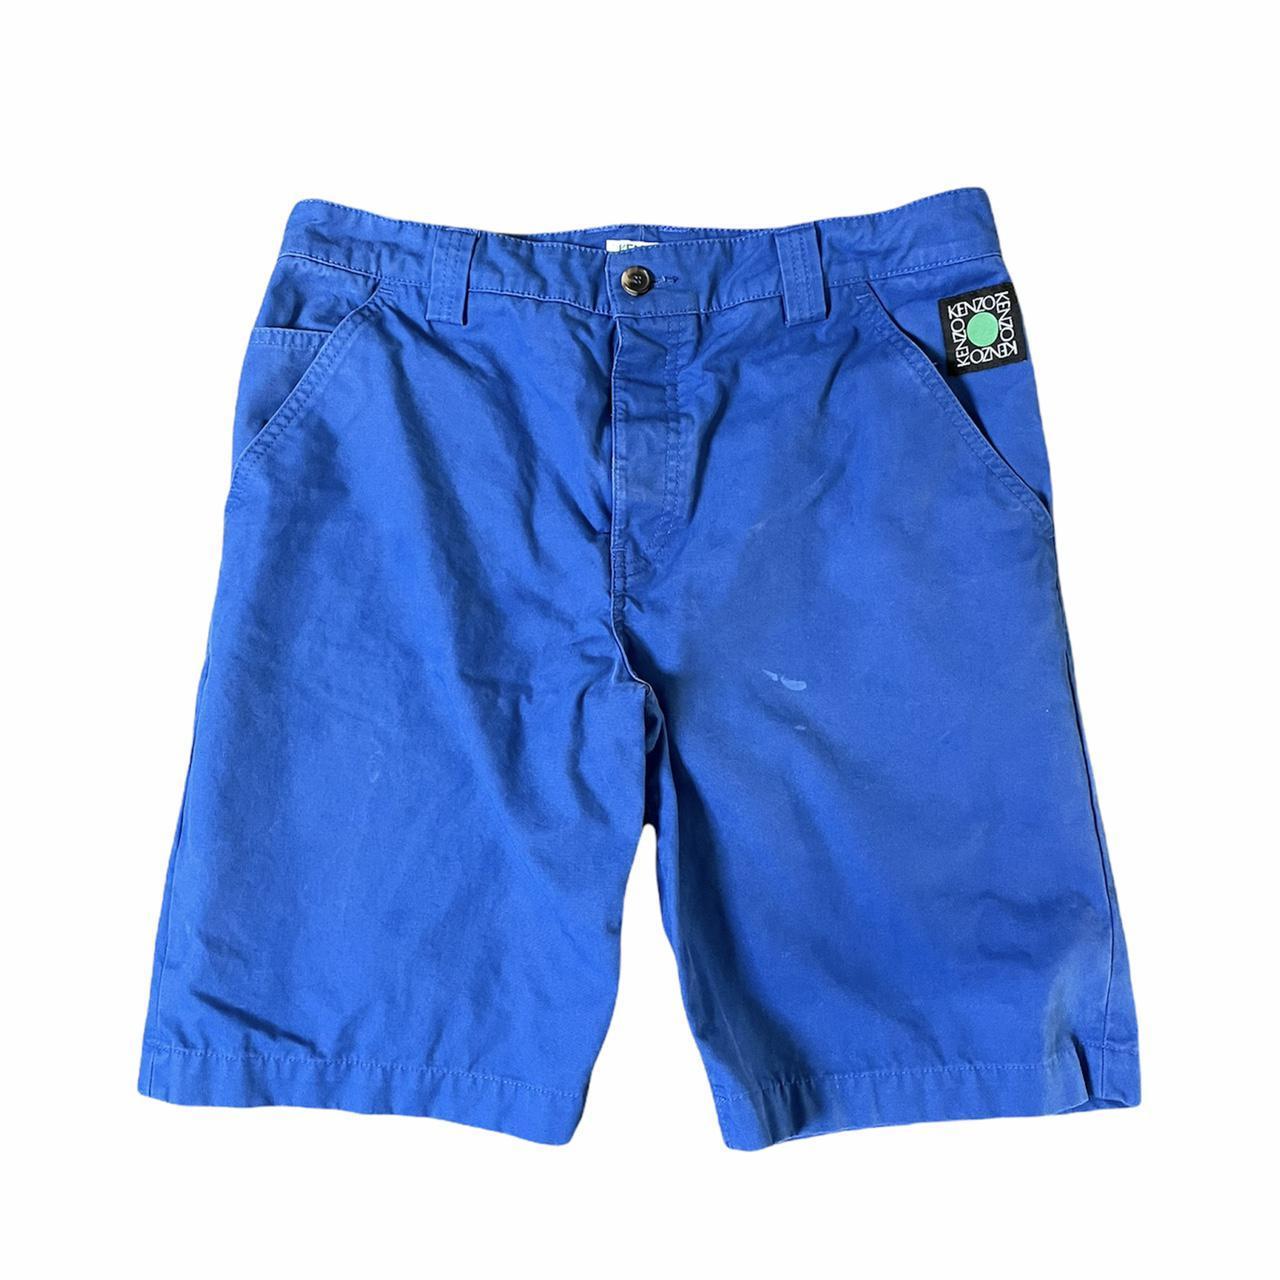 Product Image 1 - Kenzo Chino Shorts  Size 32  Kenzo Paris